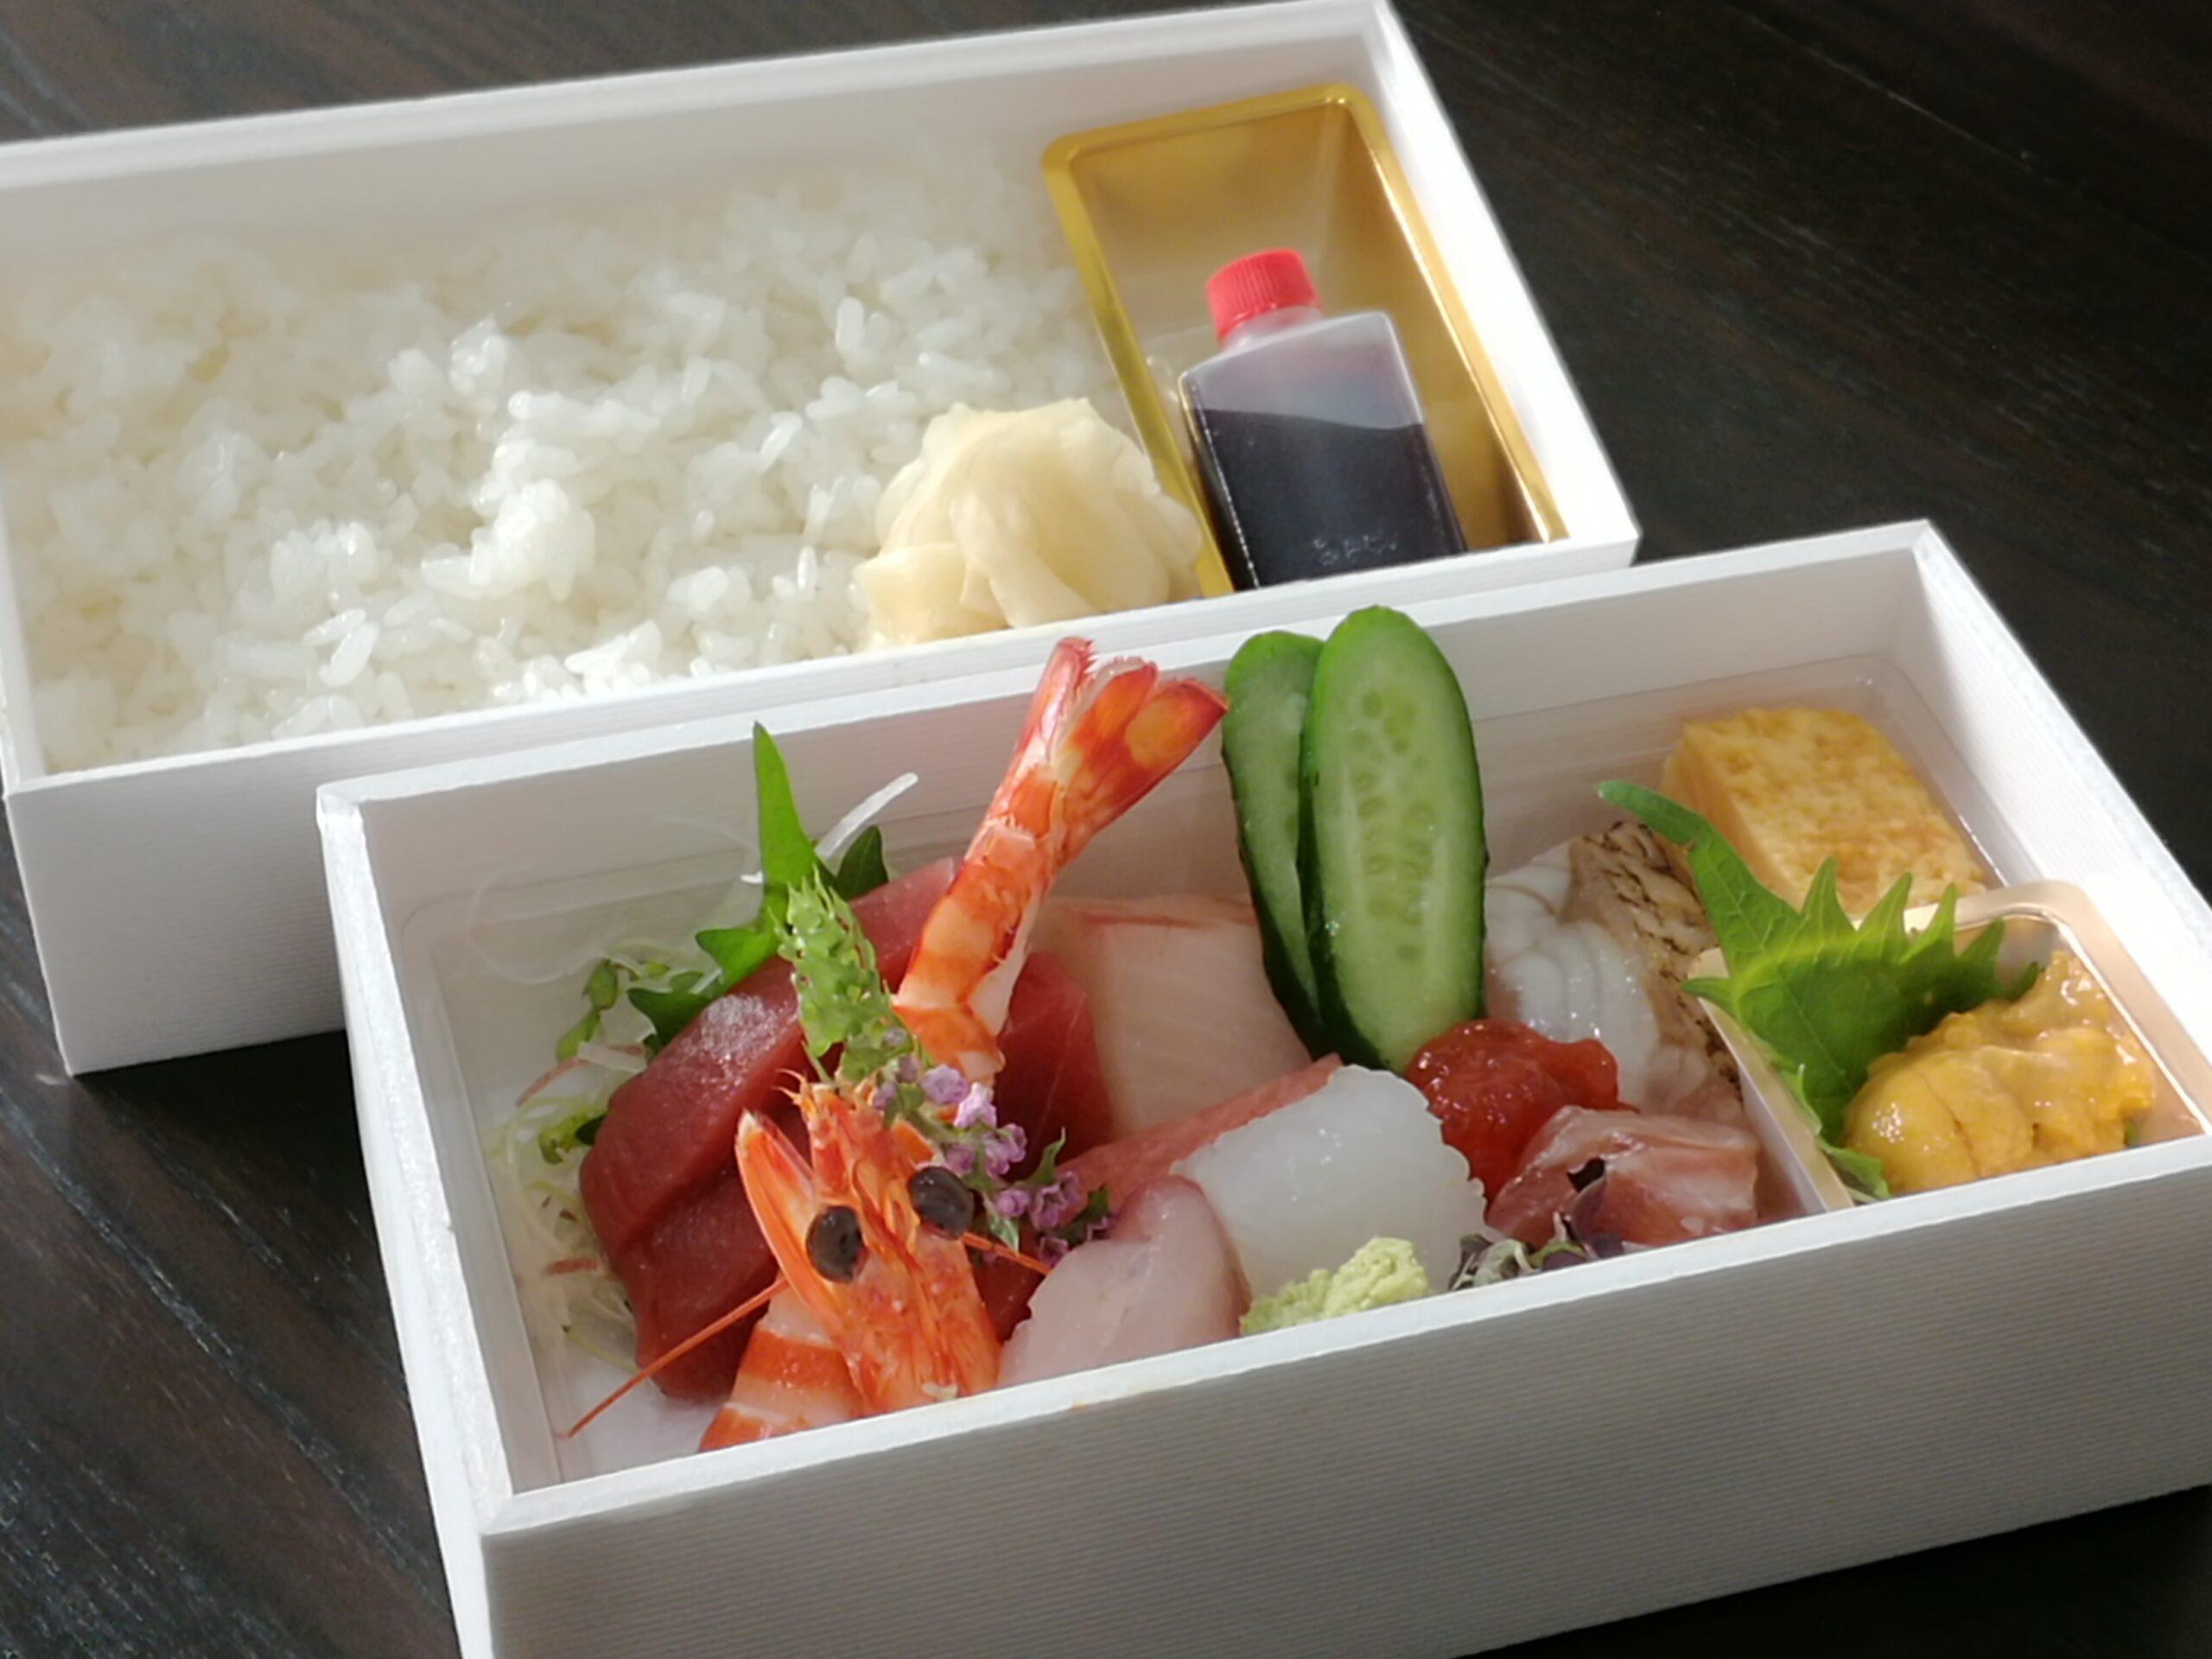 【海鮮丼】5,400円<p>新鮮な海の幸とご飯を 別盛でご用意いたします。 ご飯は白ご飯または酢飯をお選びいただけます。</p>